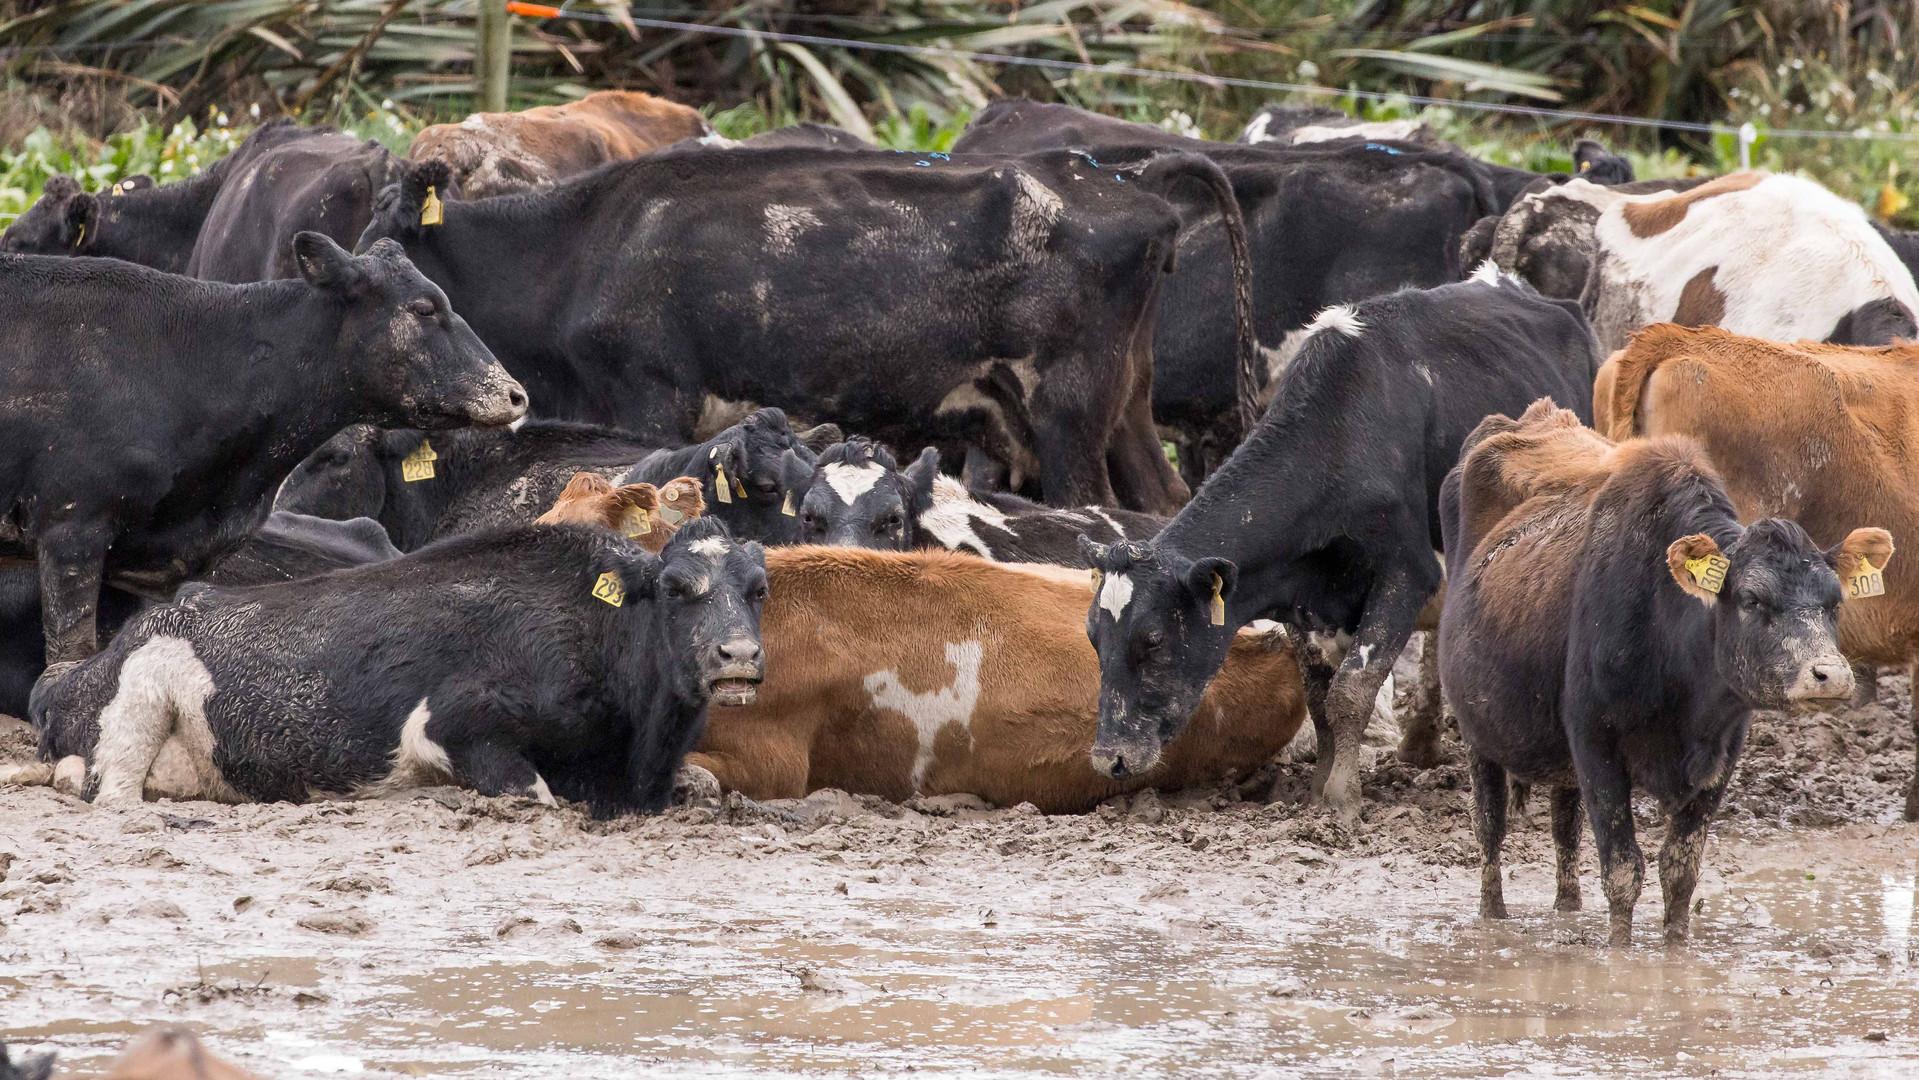 cows lie in mud